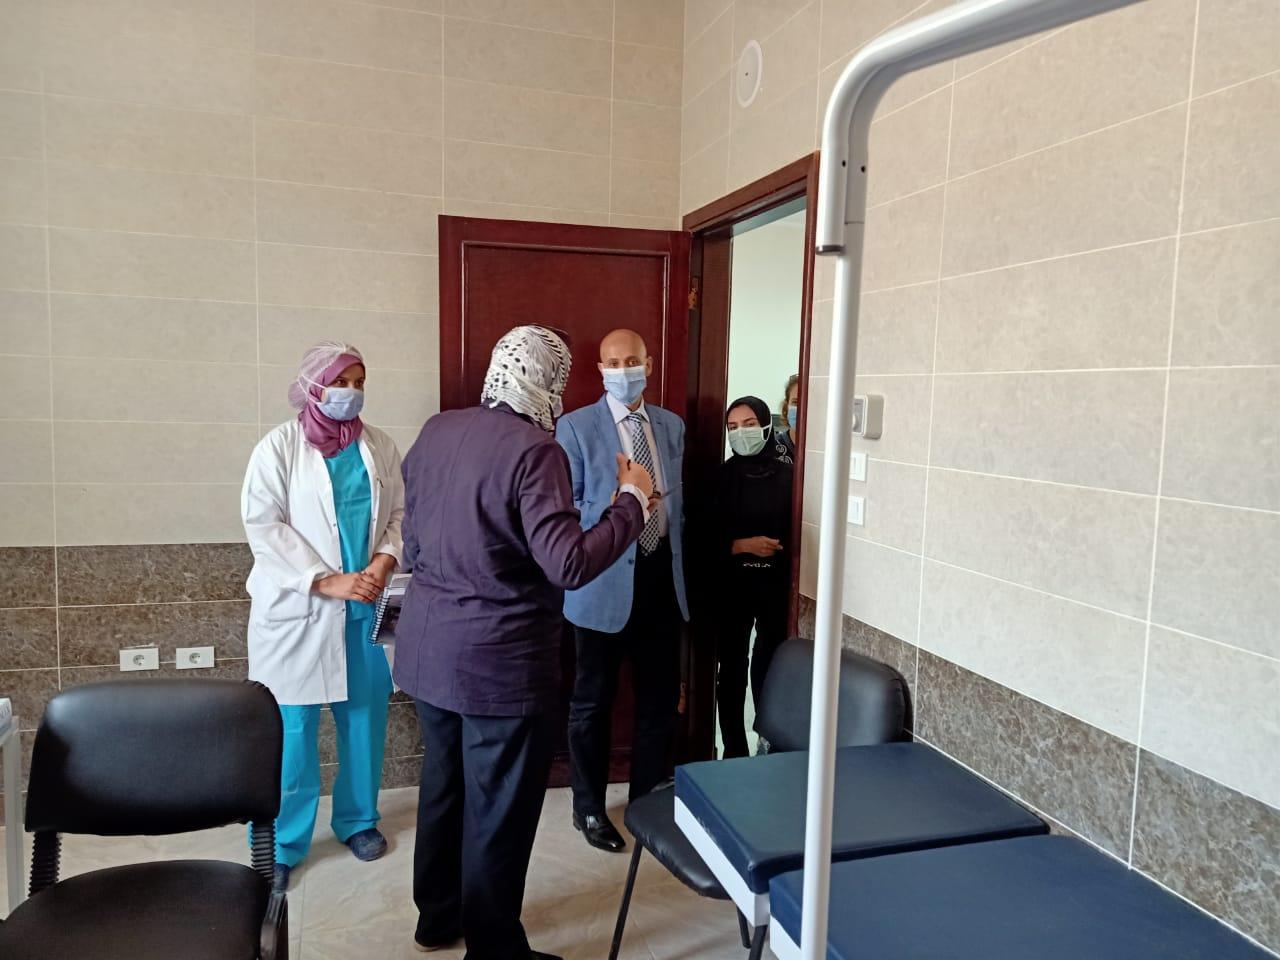 وكيل صحة الشرقية يتفقد المركز الطبى للعزل بالعاشر من رمضان (1)